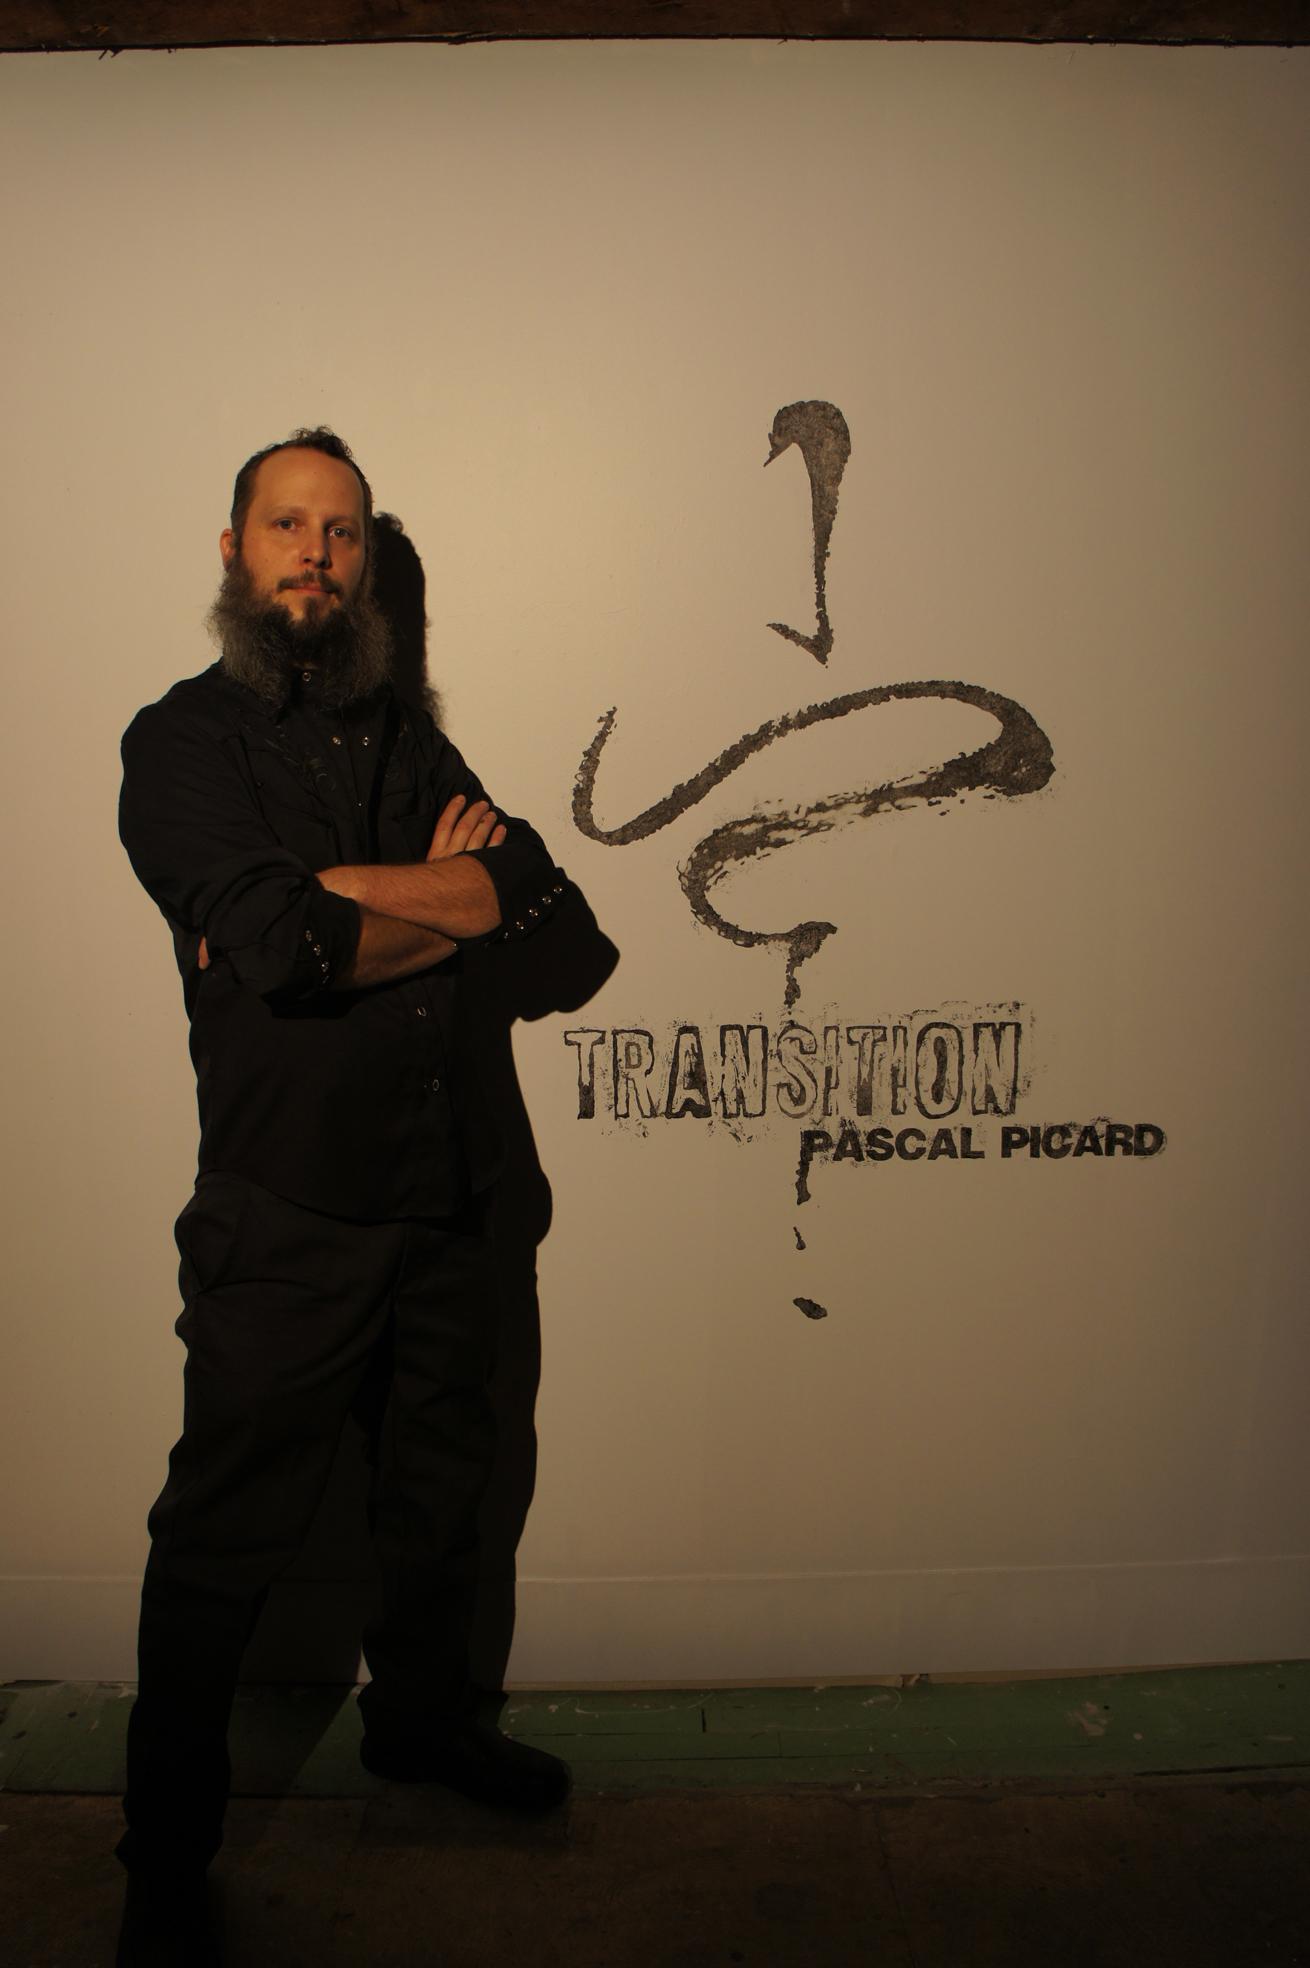 Pascal Picard